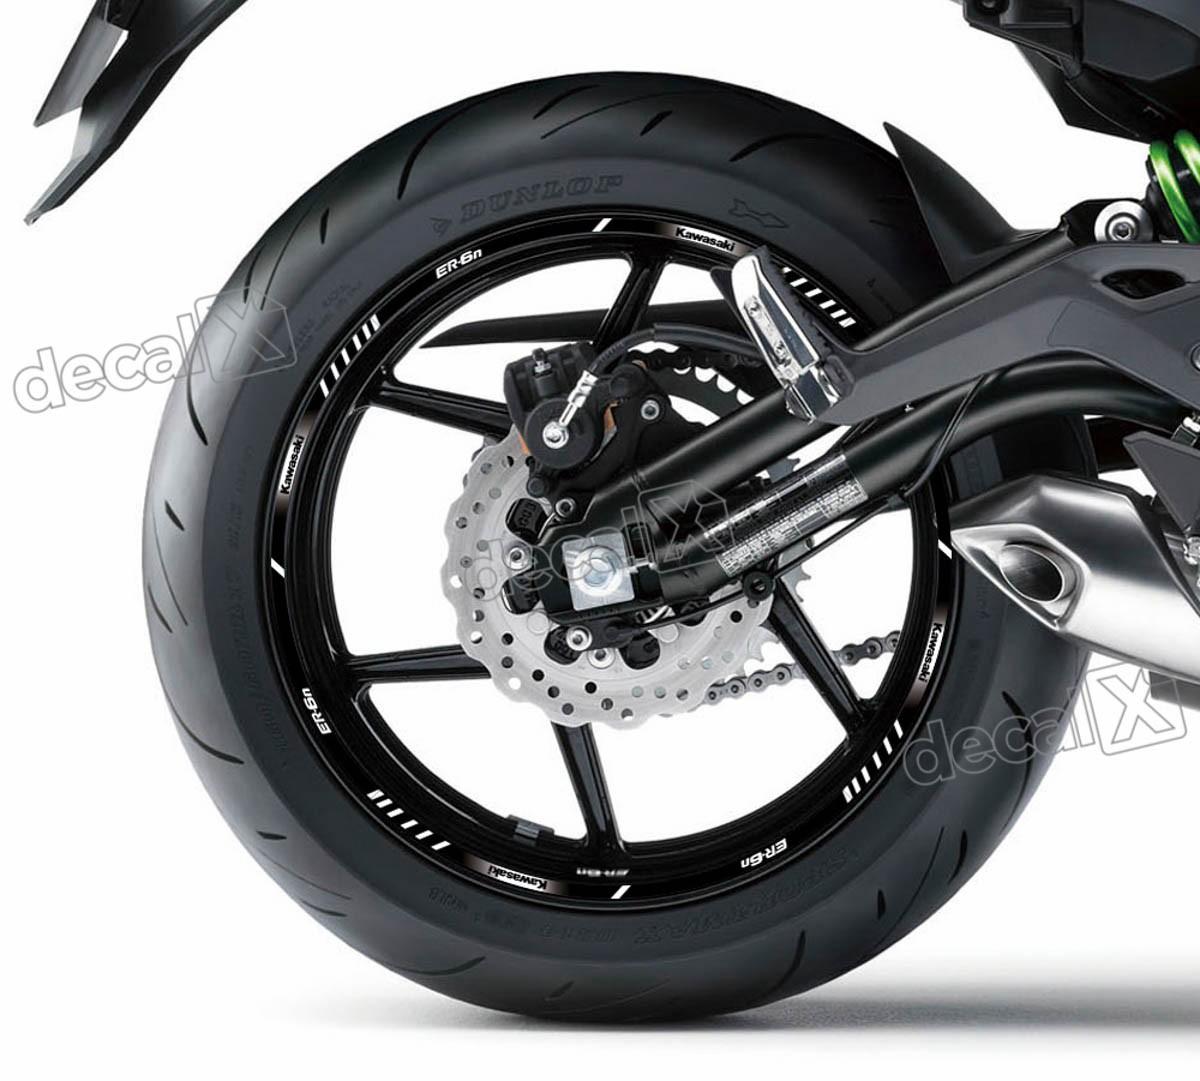 Armario De Parede Pequeno ~ Kit Adesivo Friso Refletivo Roda Moto Kawasaki Er 6 Fri85 Adesivos para motos& Adesivos